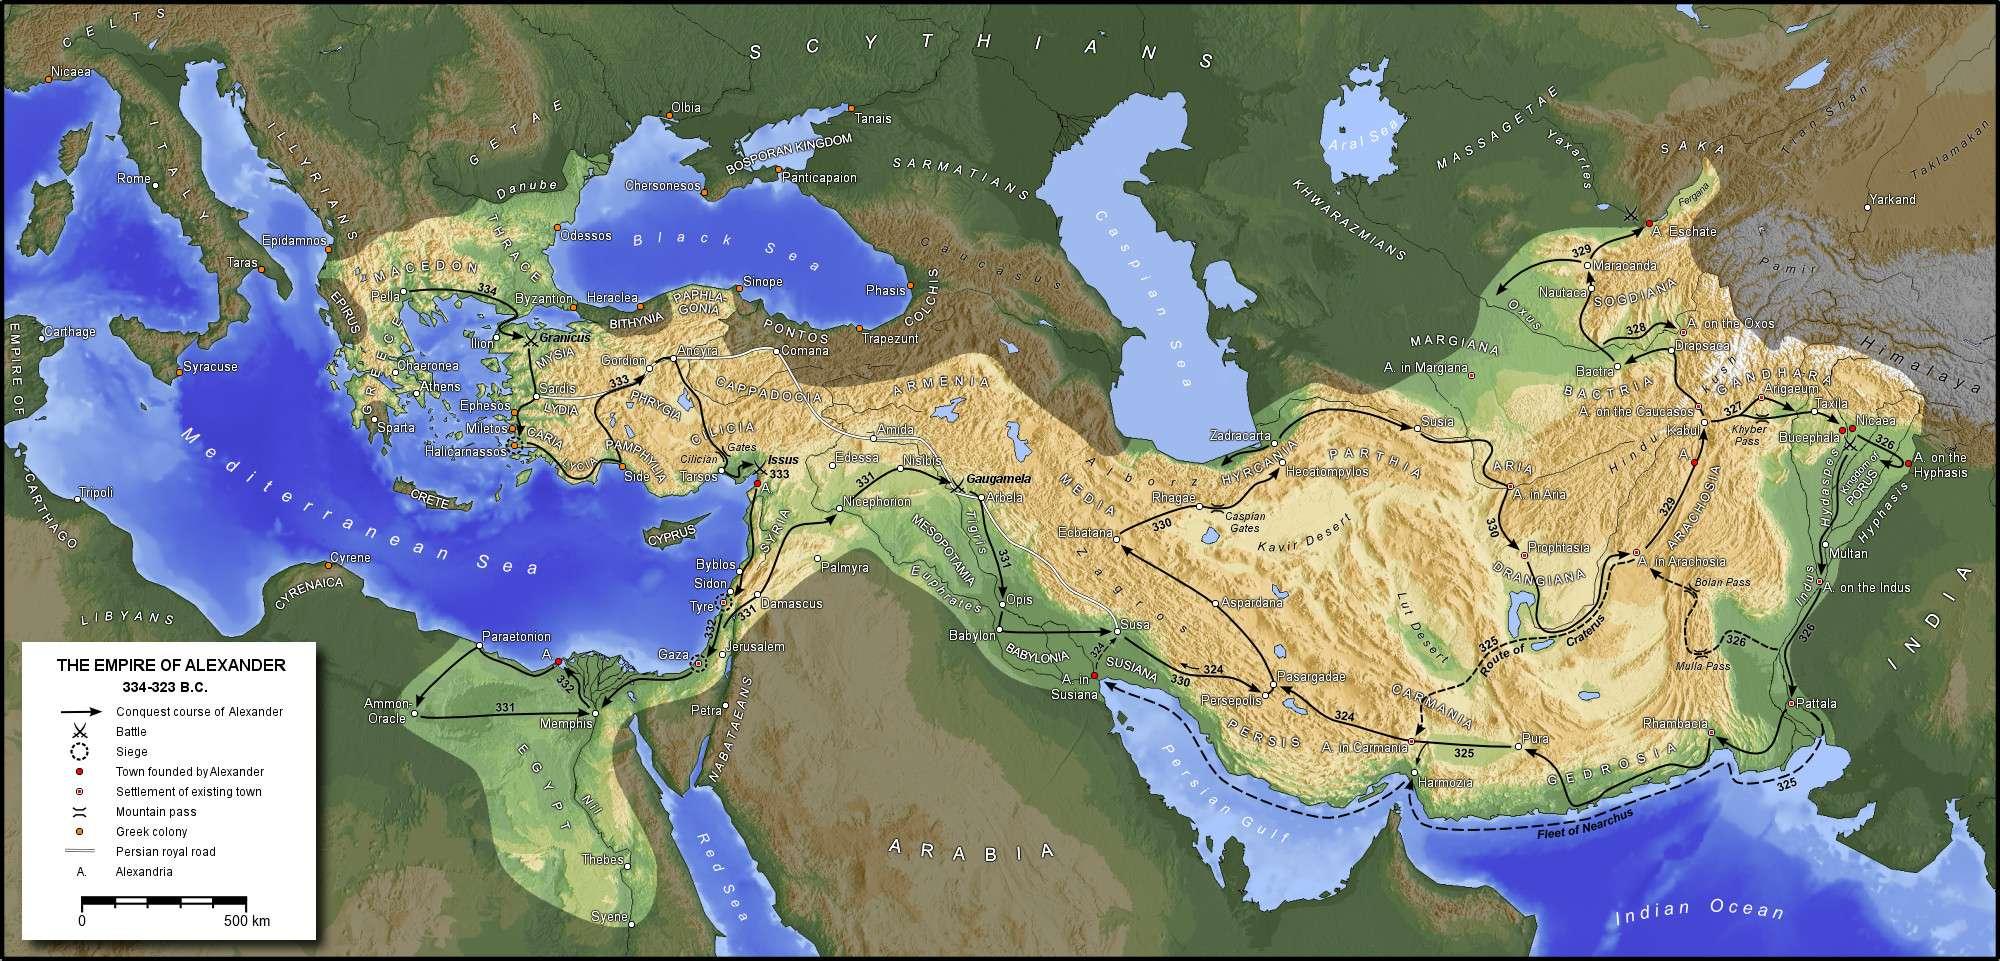 Αλέξανδρος ο Μακεδών: Οι κατακτήσεις